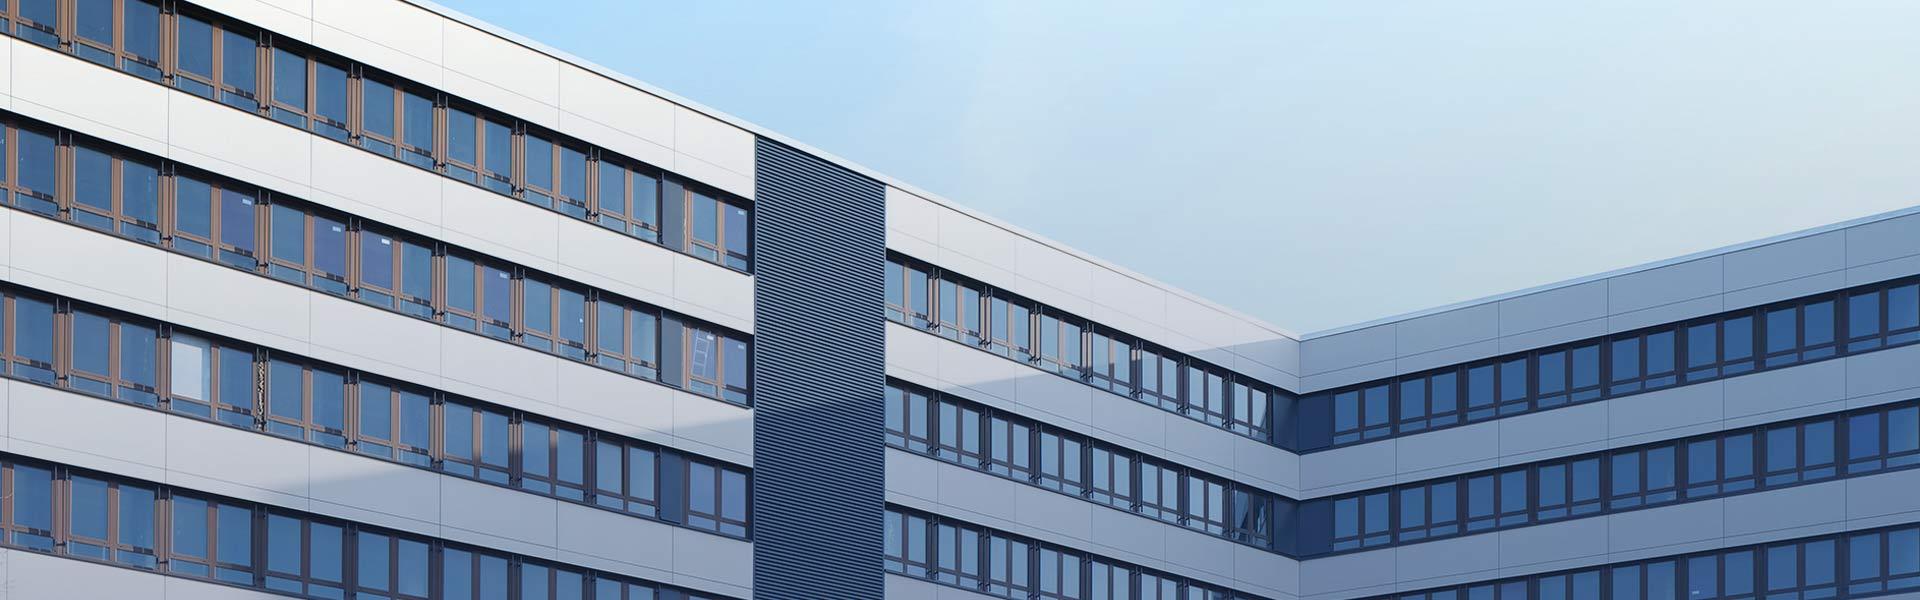 Billhorner Deich Gebäude